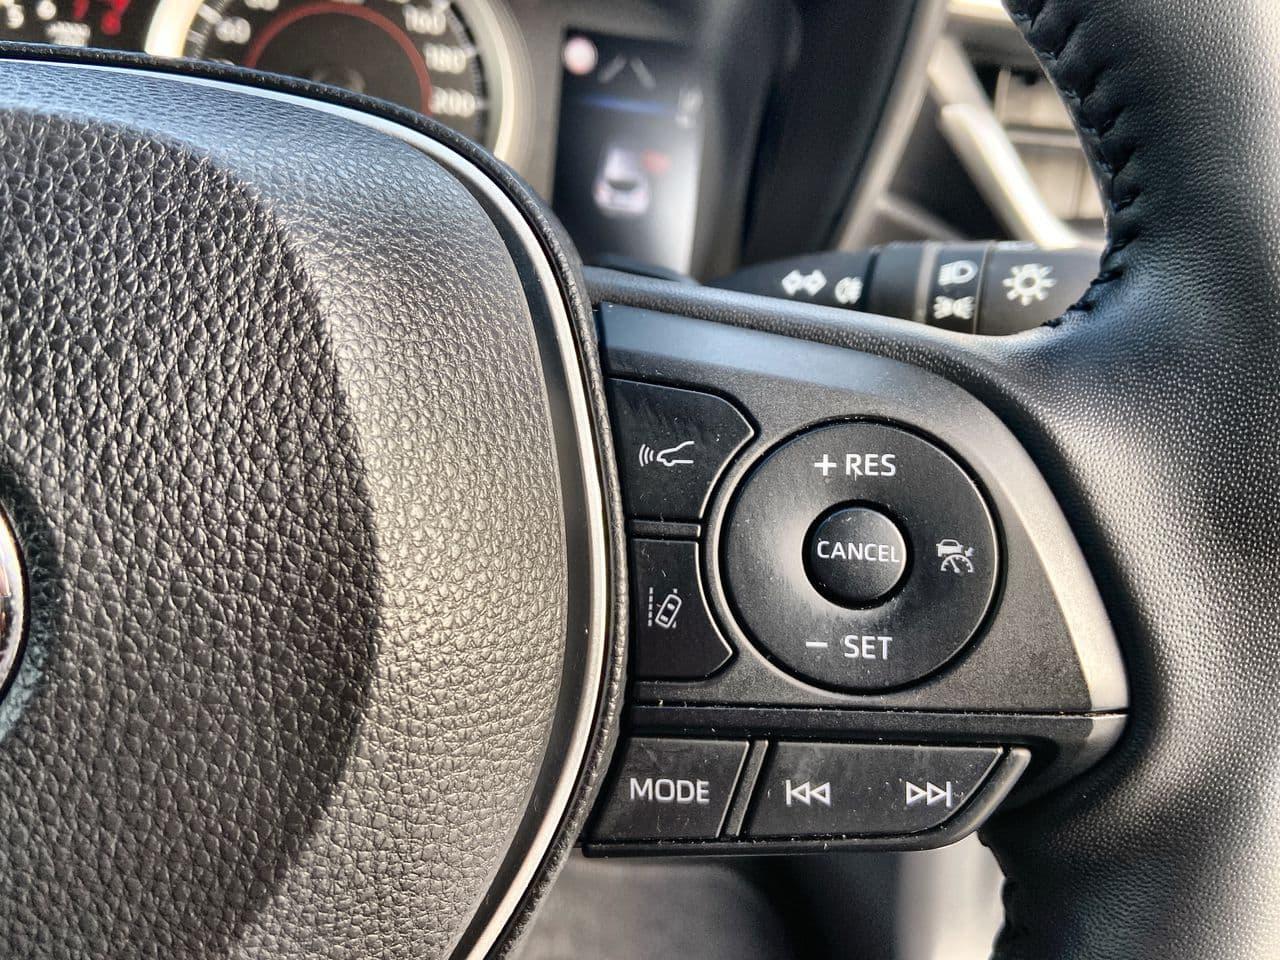 2018 Toyota Corolla SX Auto - image 4